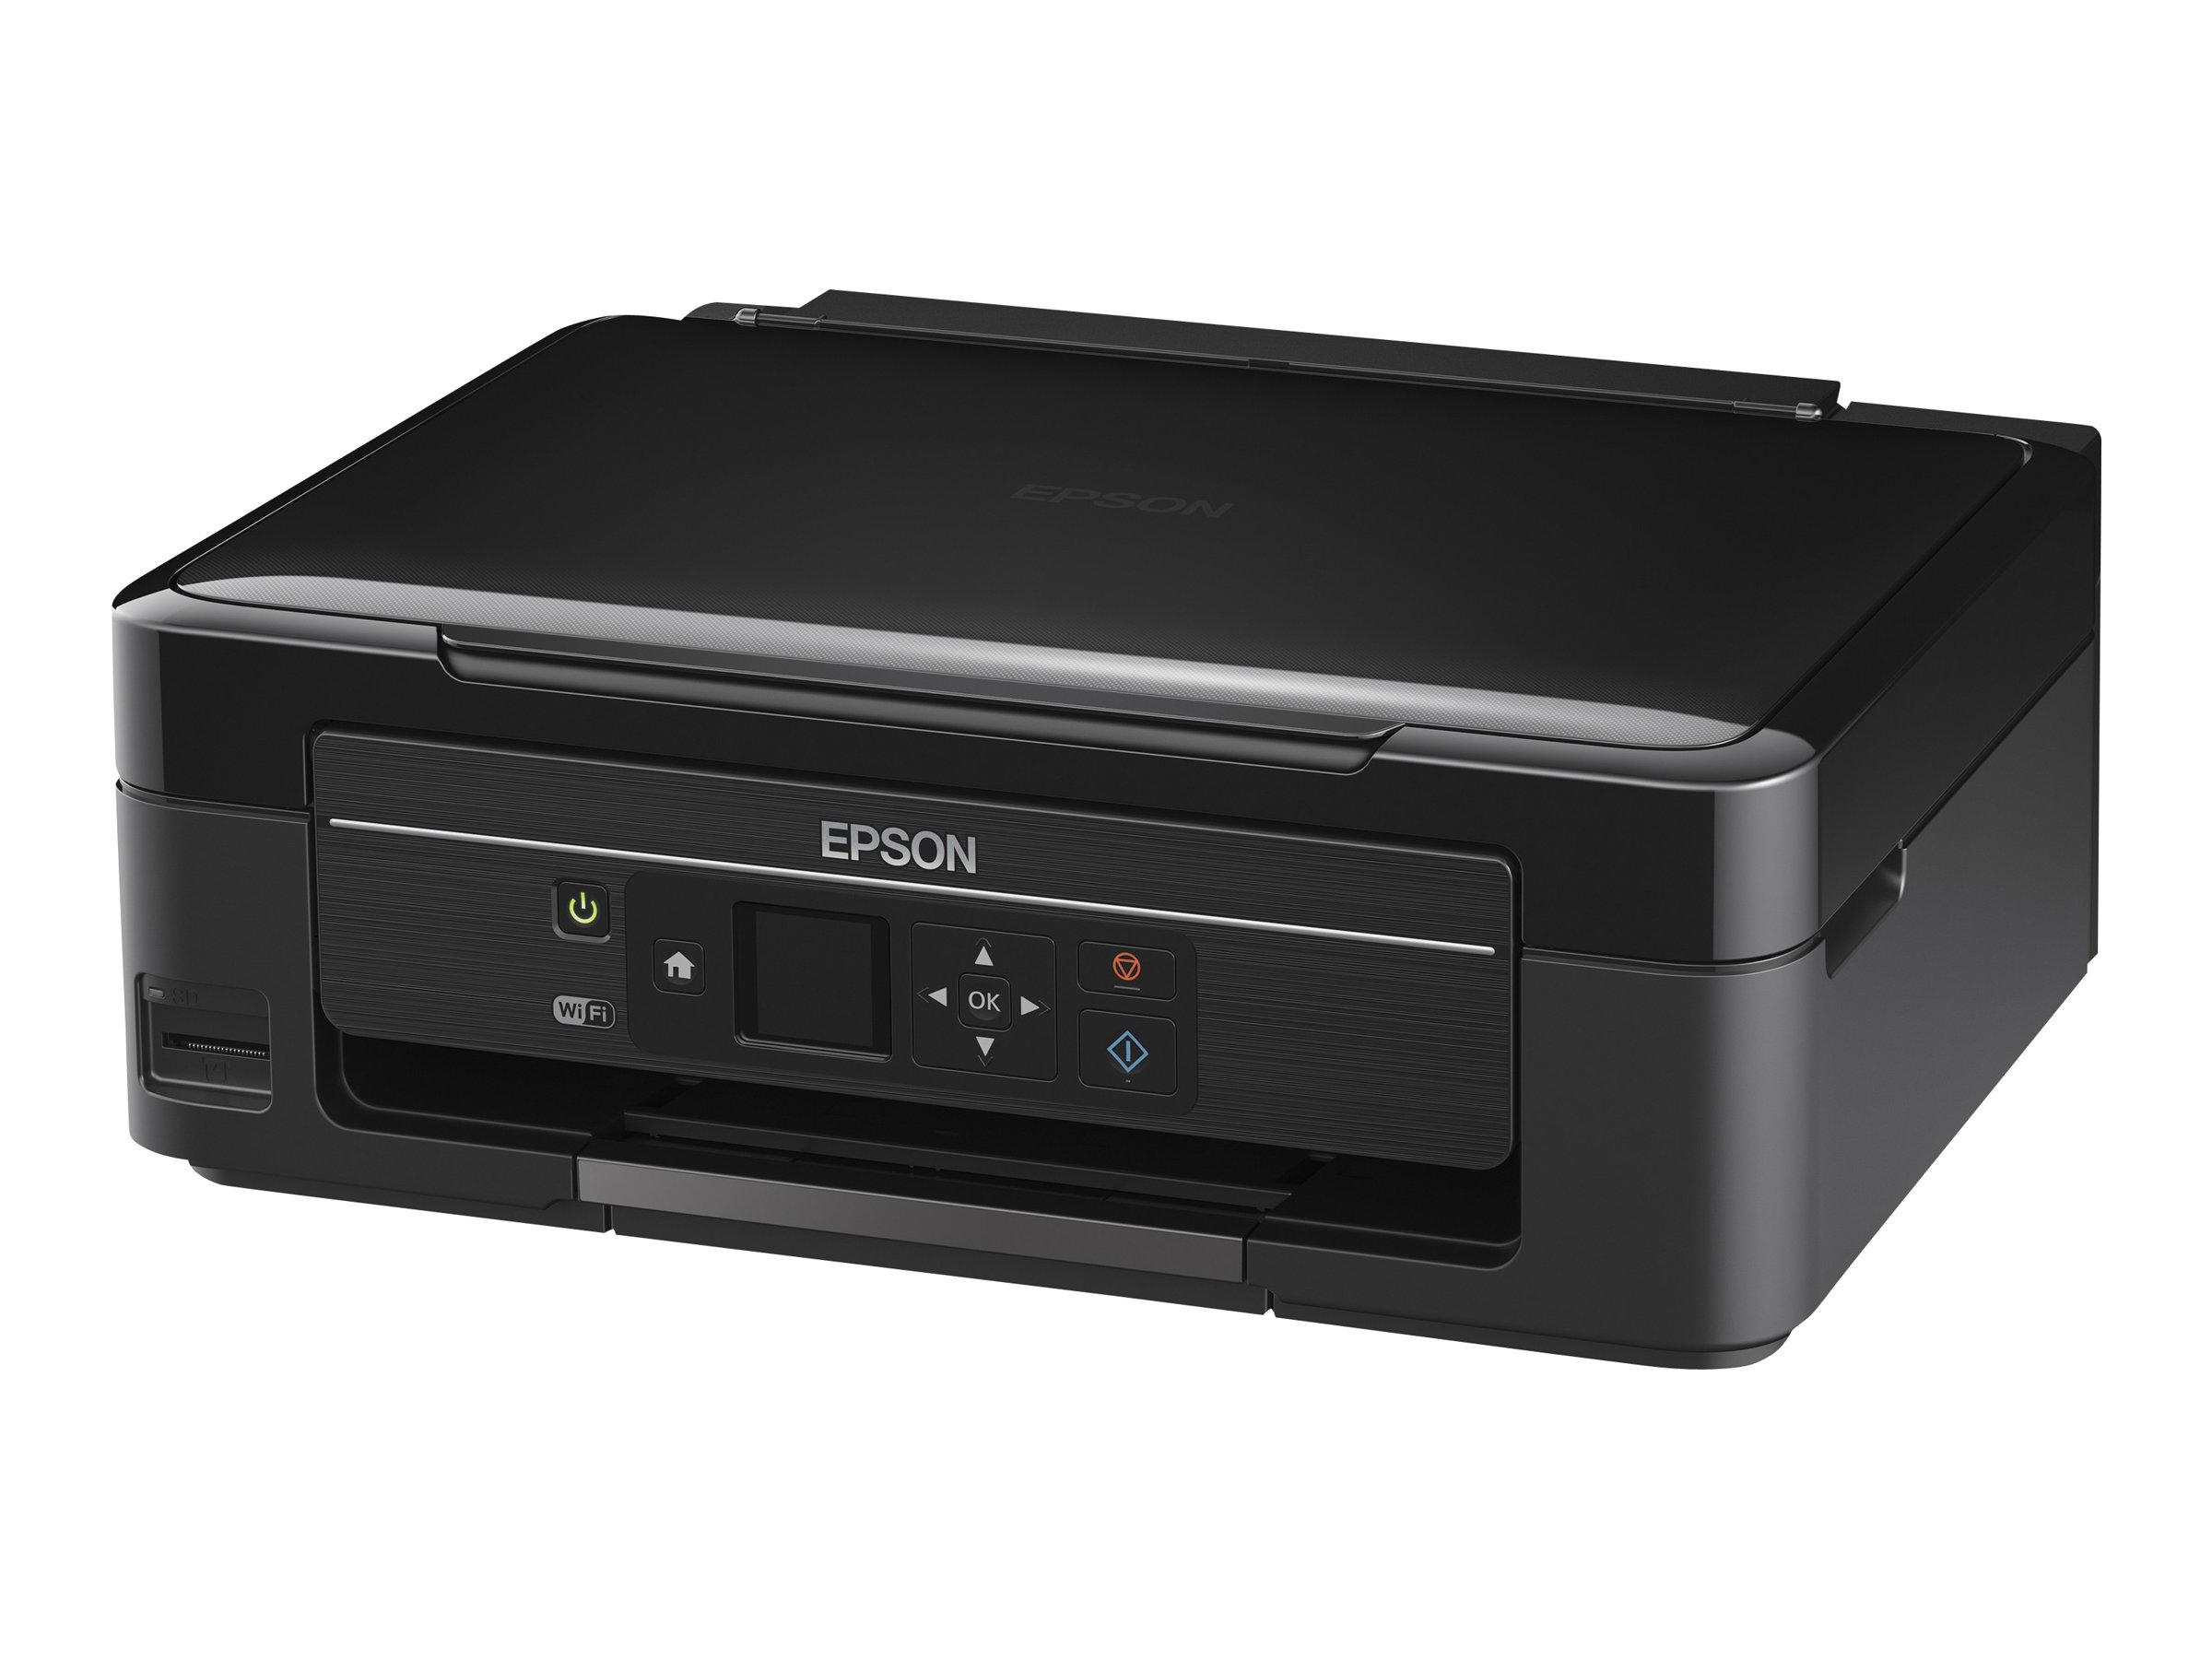 Epson Expression Home XP-332 - Multifunktionsdrucker - Farbe - Tintenstrahl - A4/Legal (Medien) - bis zu 9 Seiten/Min. (Drucken)